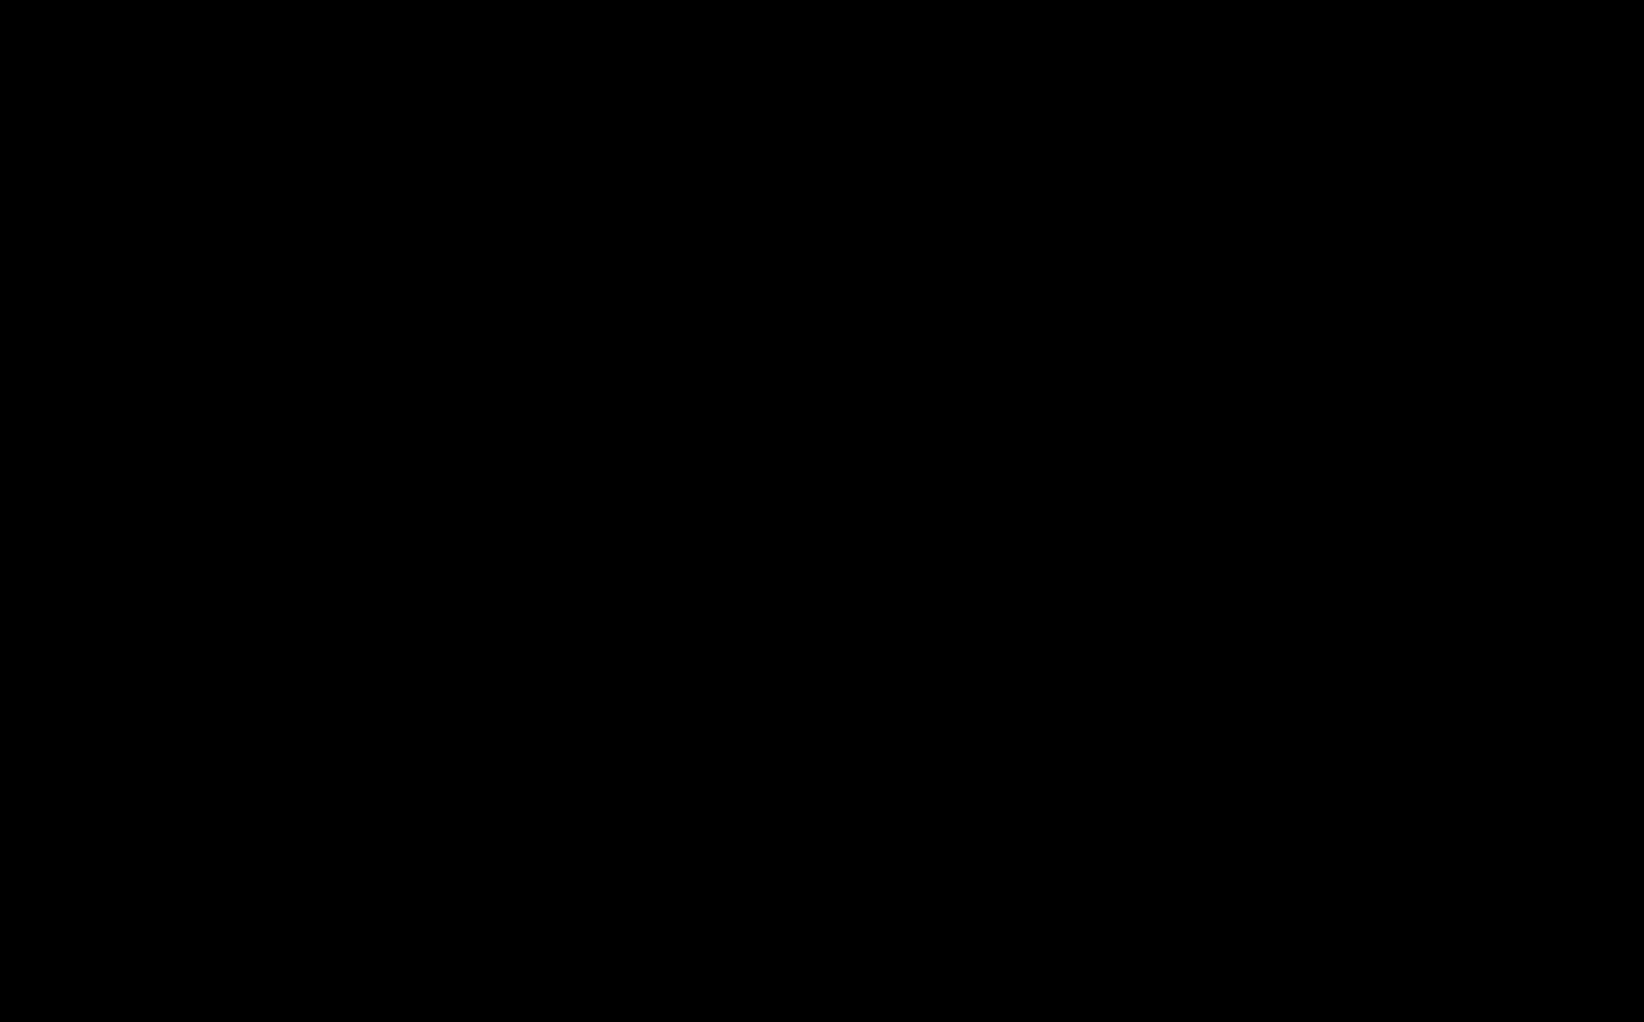 Sörredsvägen – Torslanda